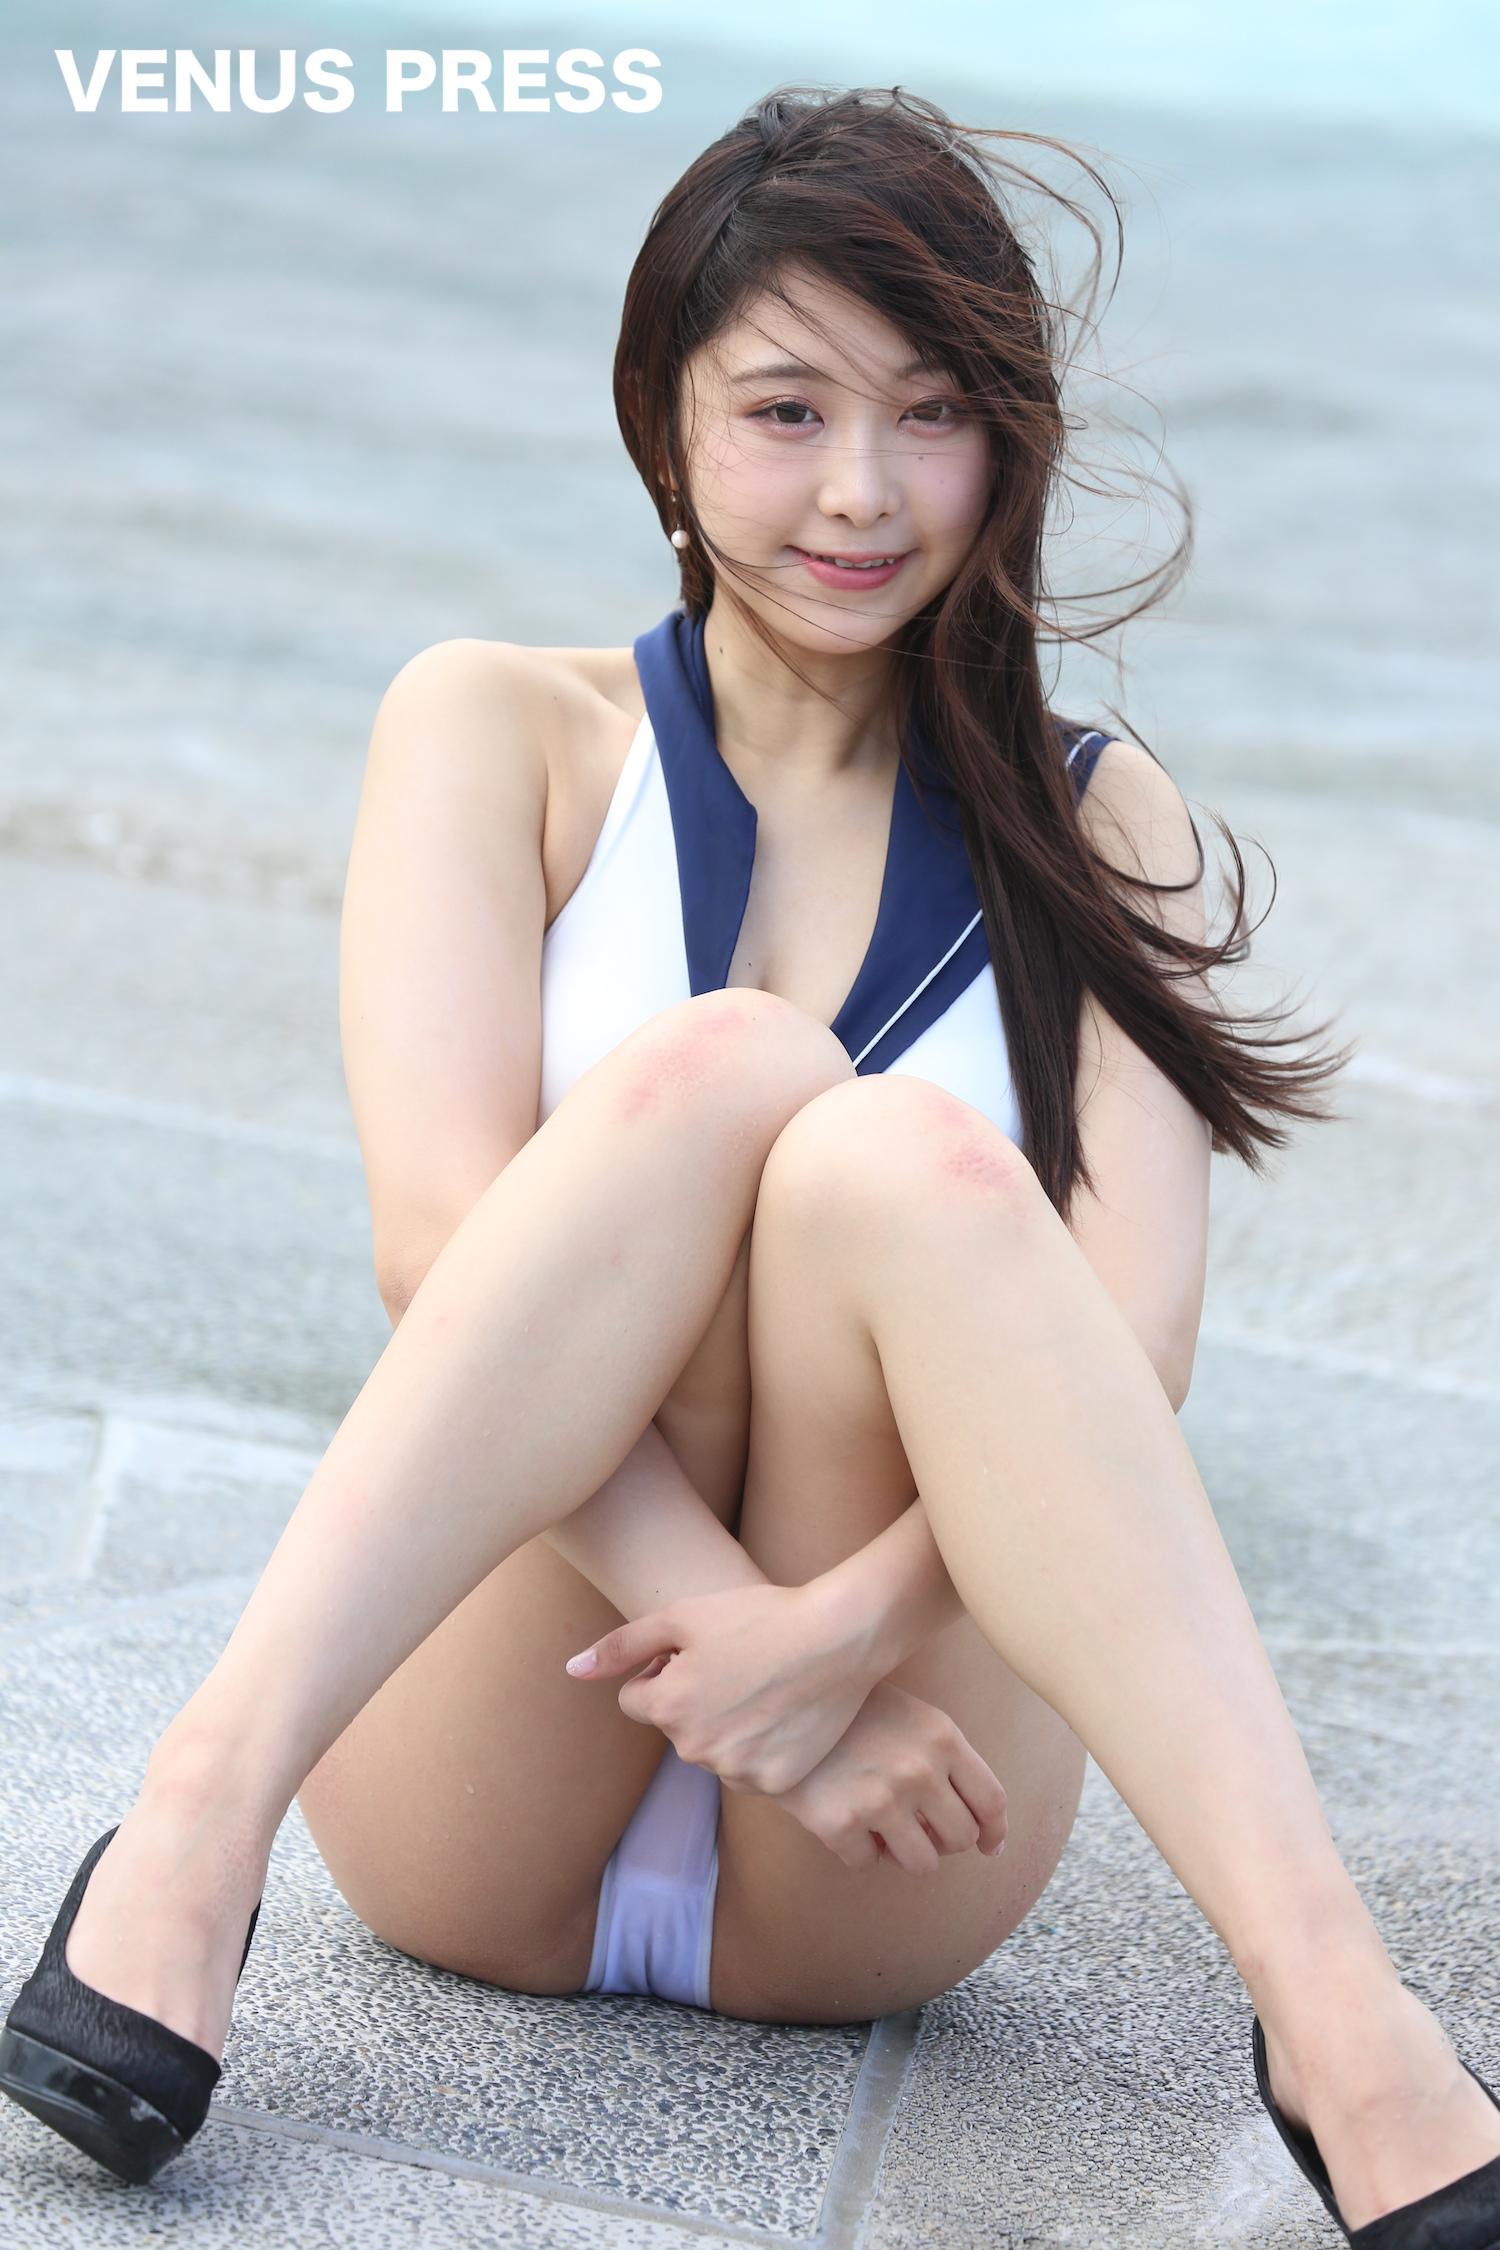 真島なおみ(2019年9月23日、大磯ロングビーチにて/撮影:VENUS PRESS編集部)